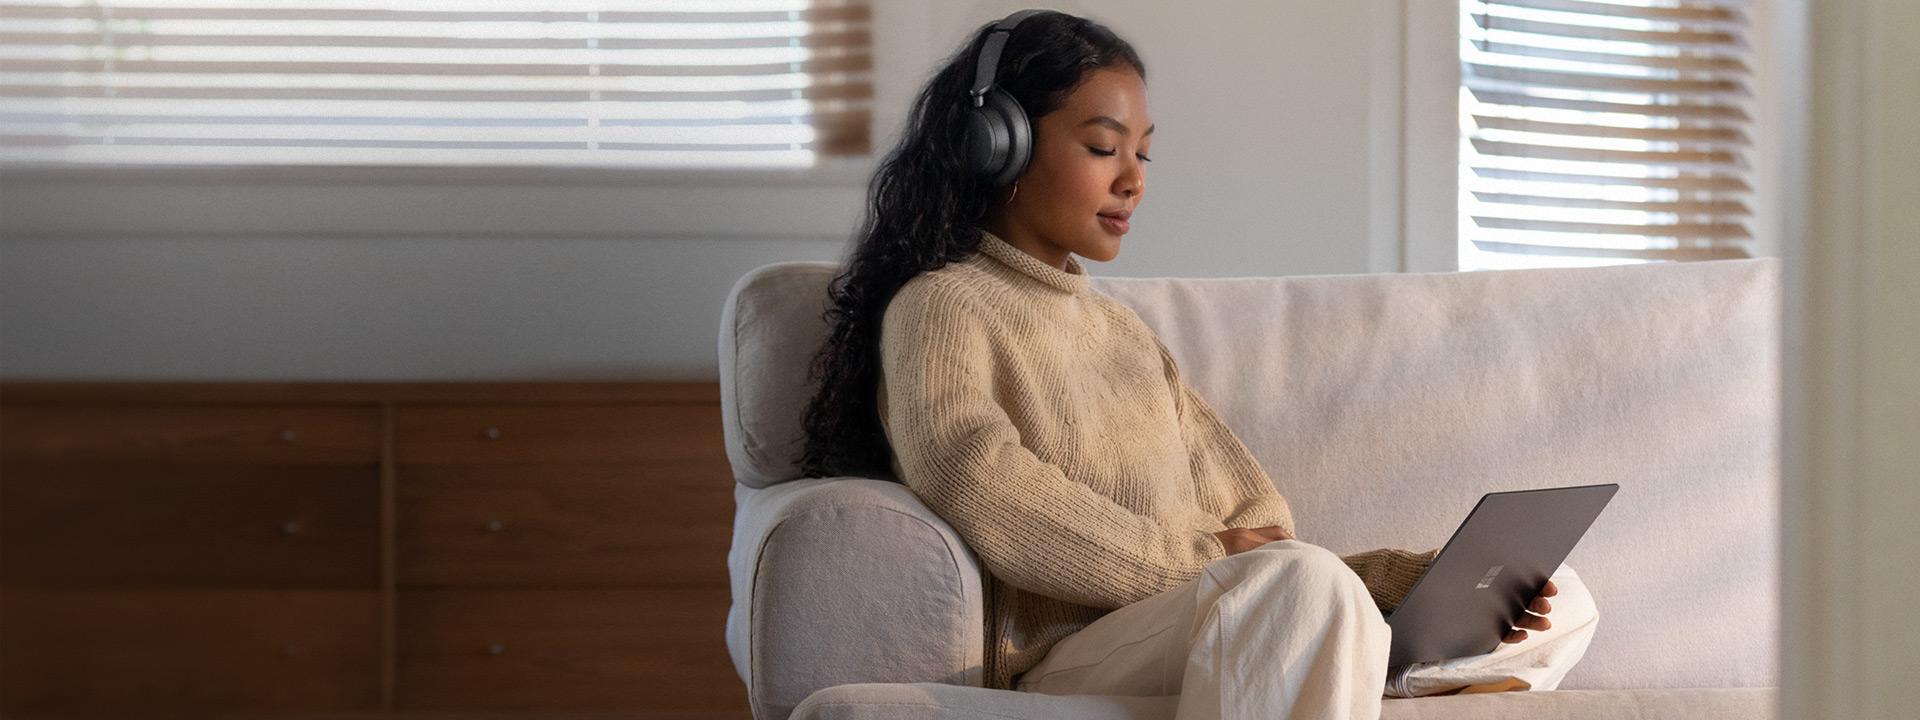 Eine Frau arbeitet zu Hause auf einer Couch mit Surface Laptop 3 und Surface Headphones 2